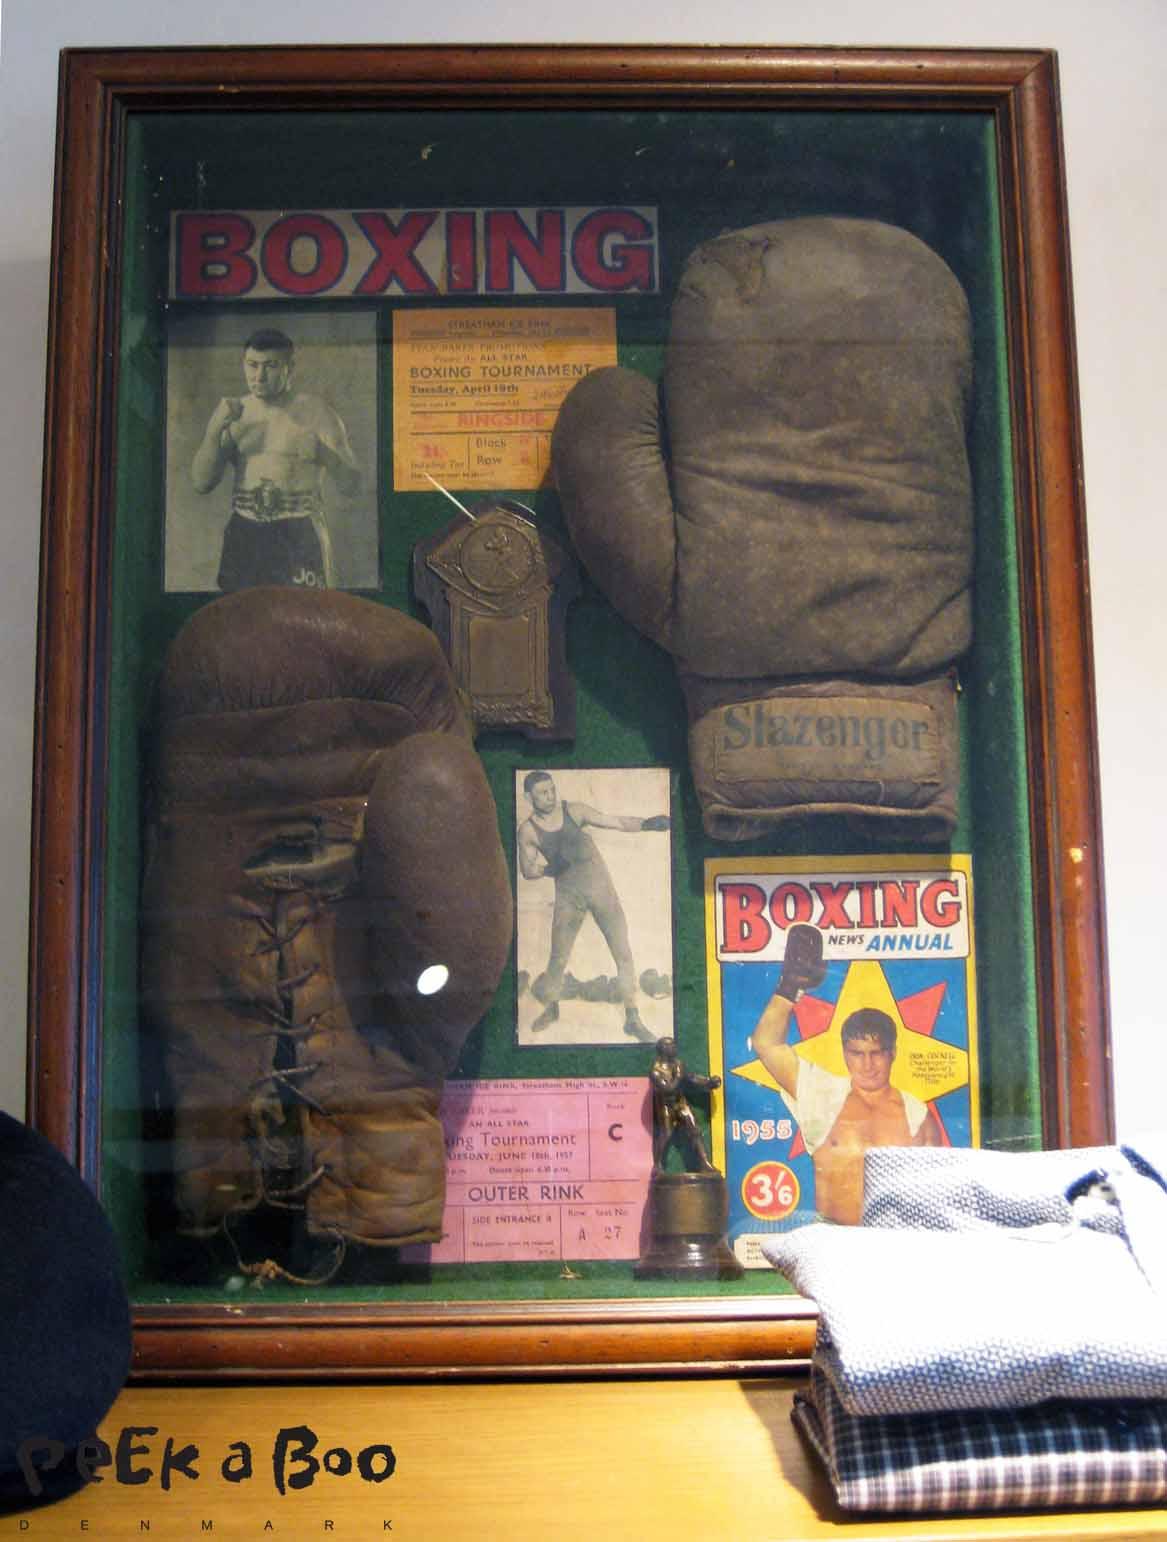 Altid gode props hos Hilfiger, historiske sporty items...I Love !